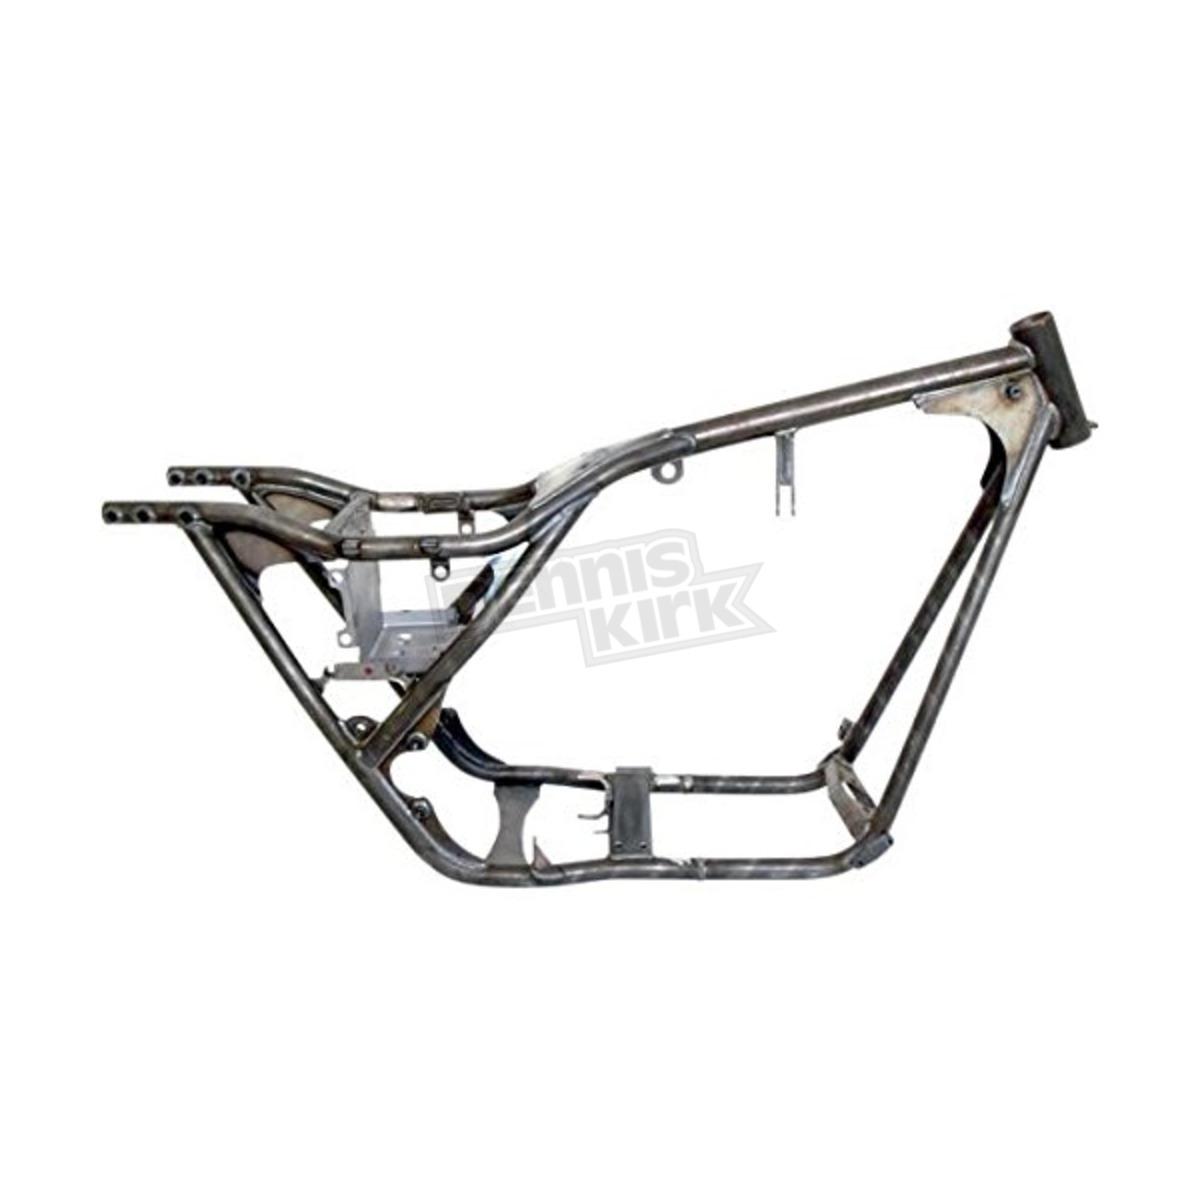 Paughco Stock Style Fxr Touring Frame Kit